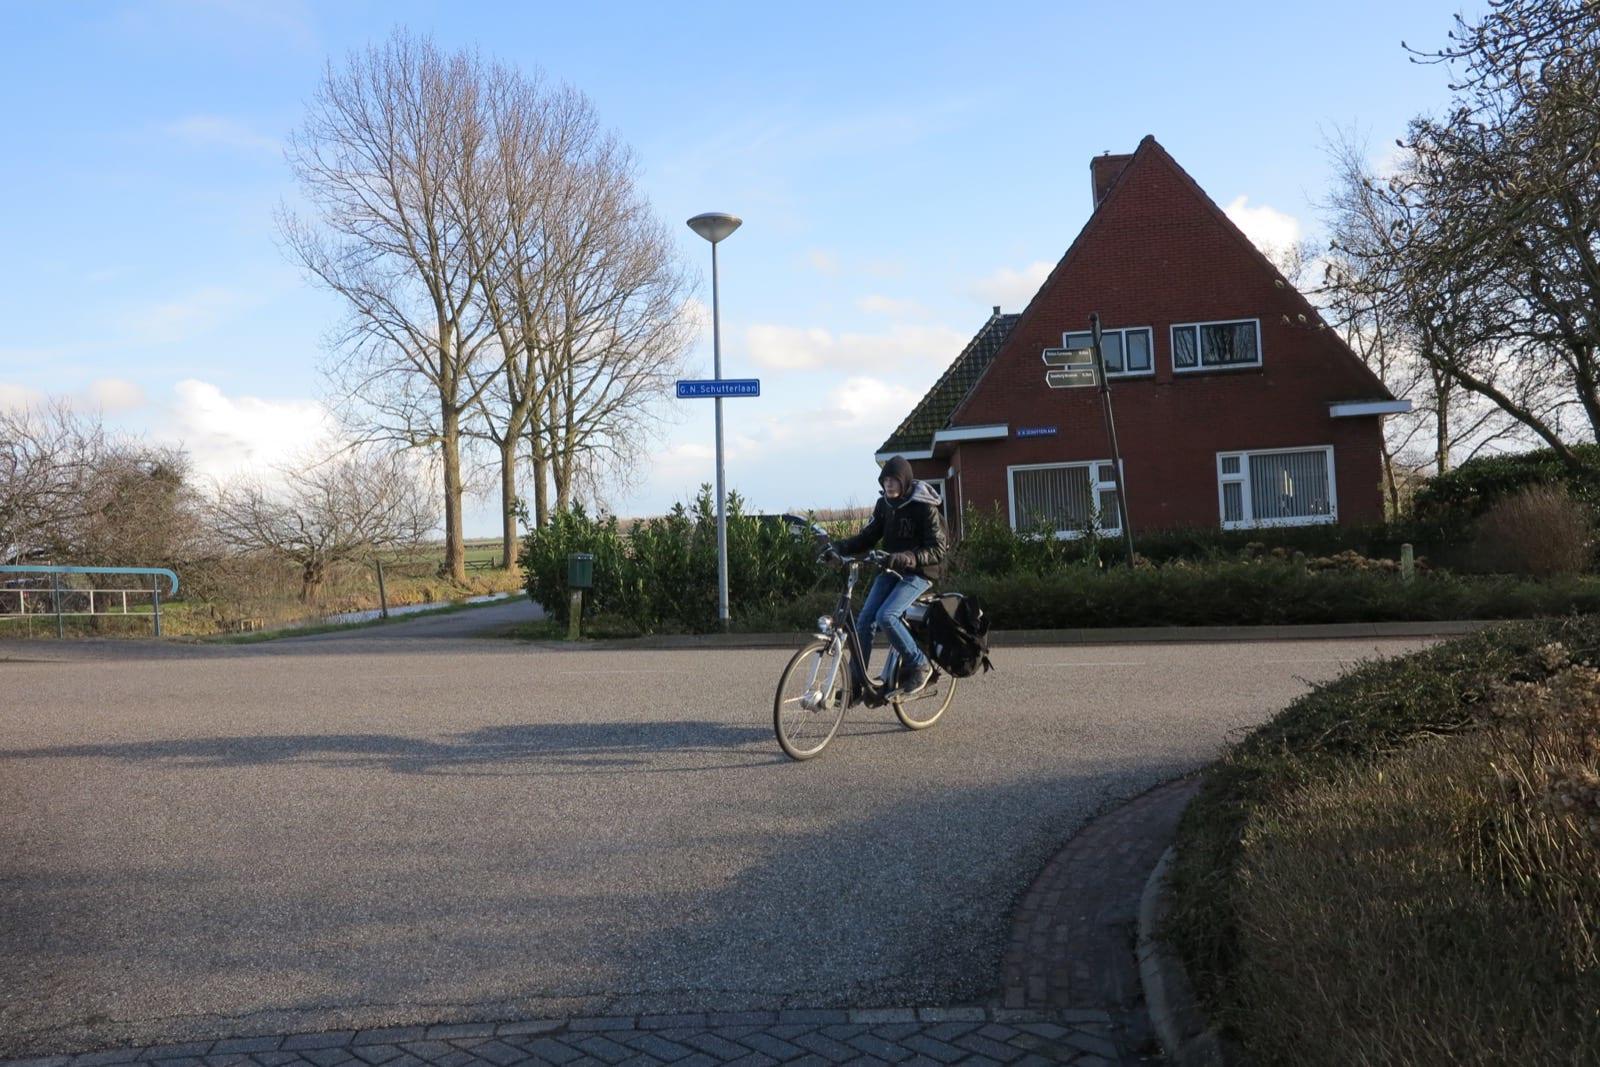 et-fiets-en-fietser-11-daan-kingma-oi.jpg